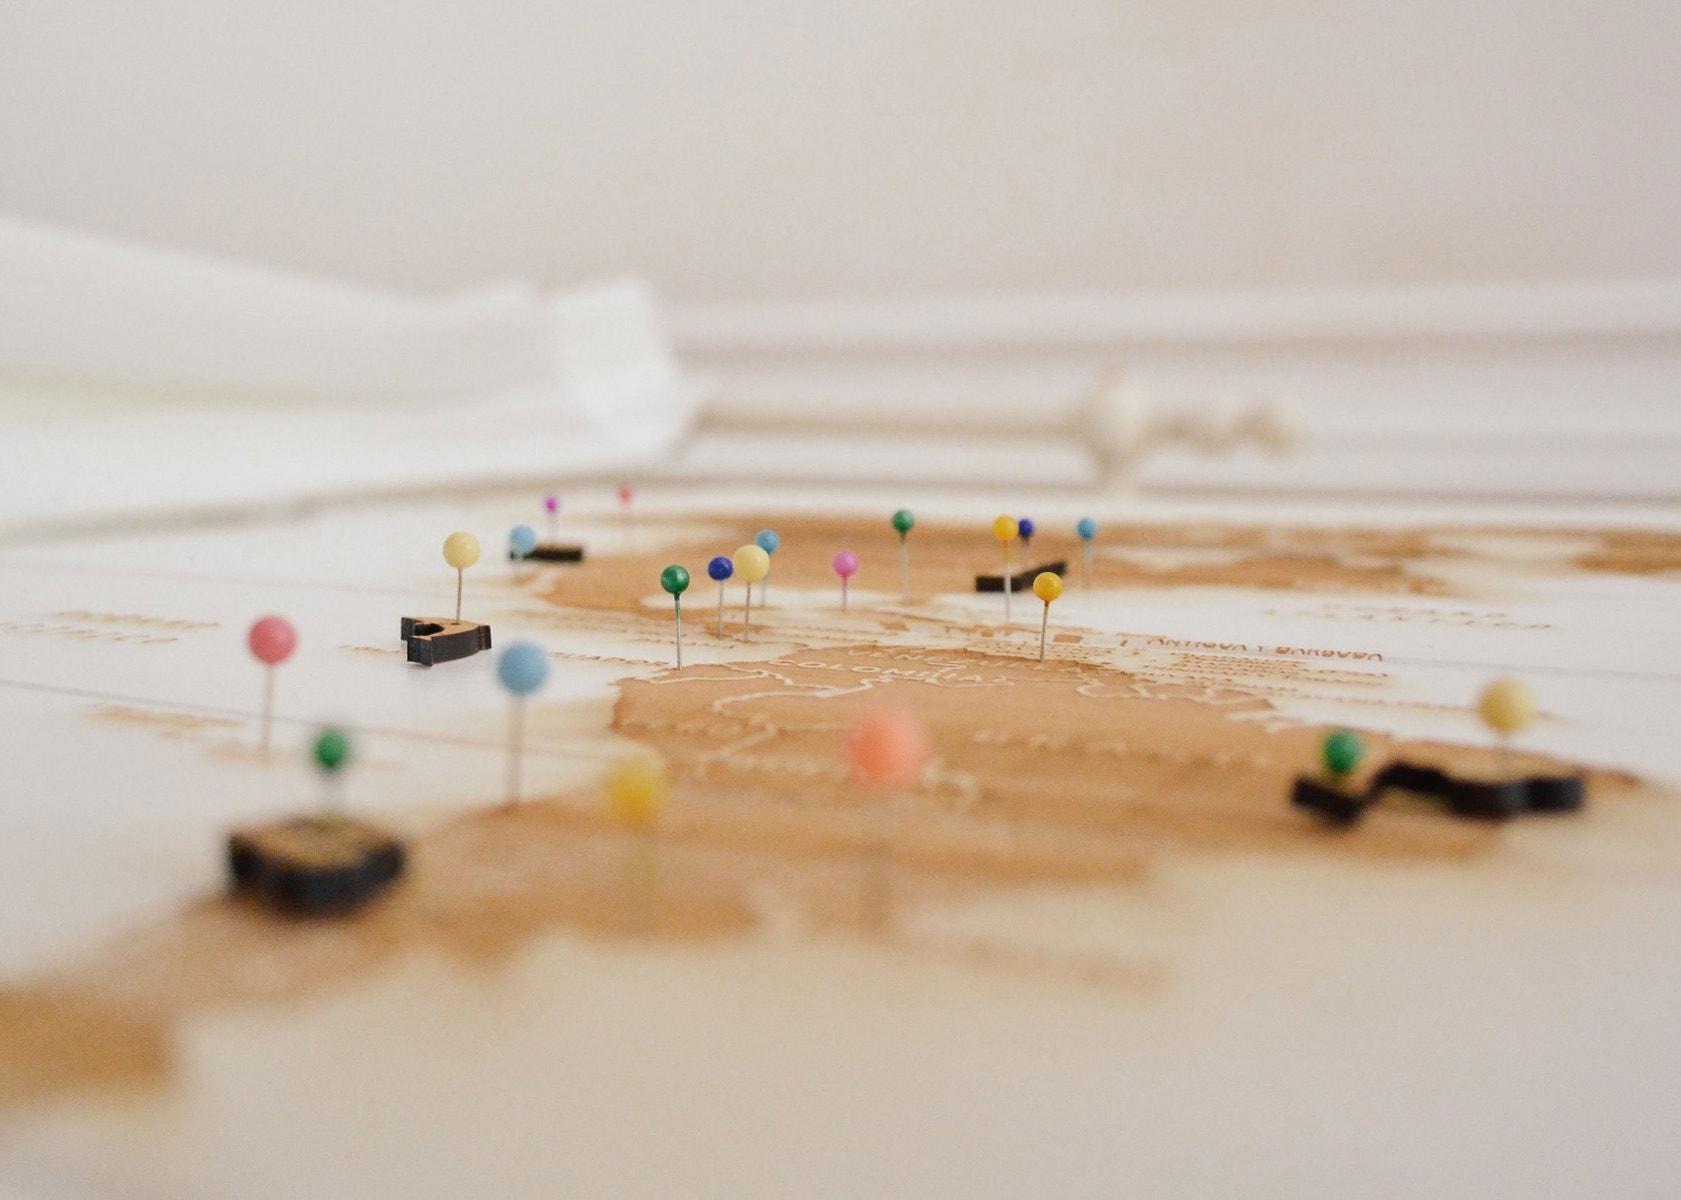 Erstellung eines digitalen Fahrplans: 5 Lektionen aus den Erfahrungen der OTRS Group mit digitaler Transformation